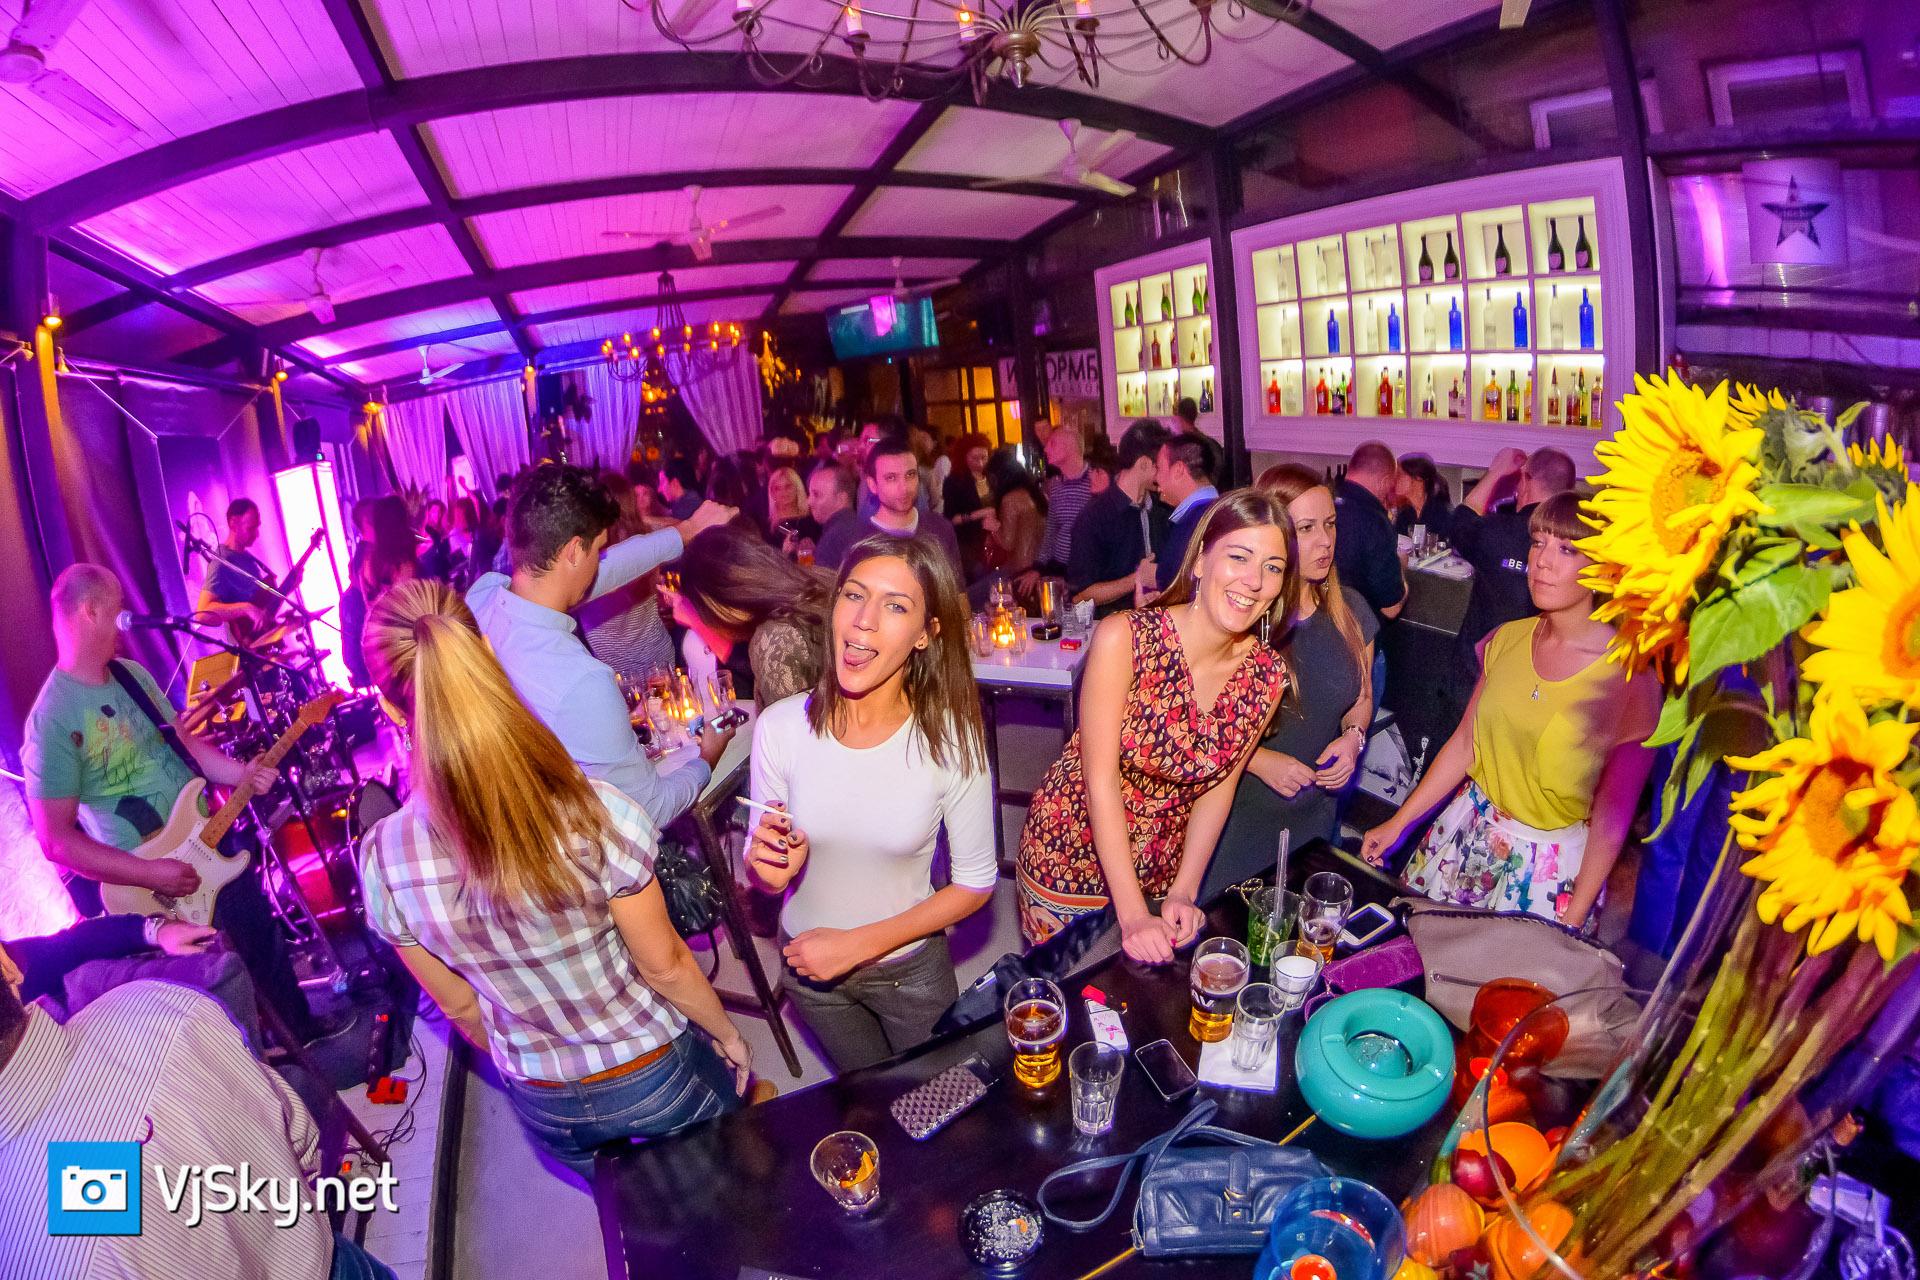 vjsky net informbiro winter lounge otvaranje sezone 22 10 2014 013 Foto izveštaj: Otvaranje nove sezone u Informbirou